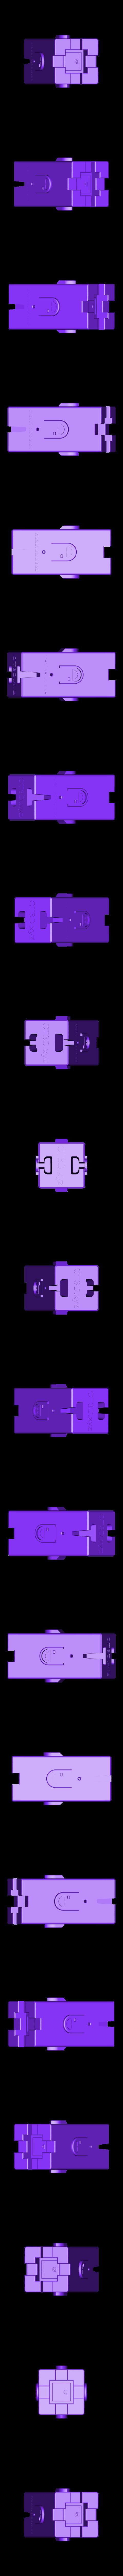 Scout_Tower_Straight_Closed_(Modular Castle Playset - 3D-printable)_By_CreativeTools.se.stl Télécharger fichier STL gratuit Plateau modulaire de château (imprimable en 3D) • Modèle à imprimer en 3D, CreativeTools